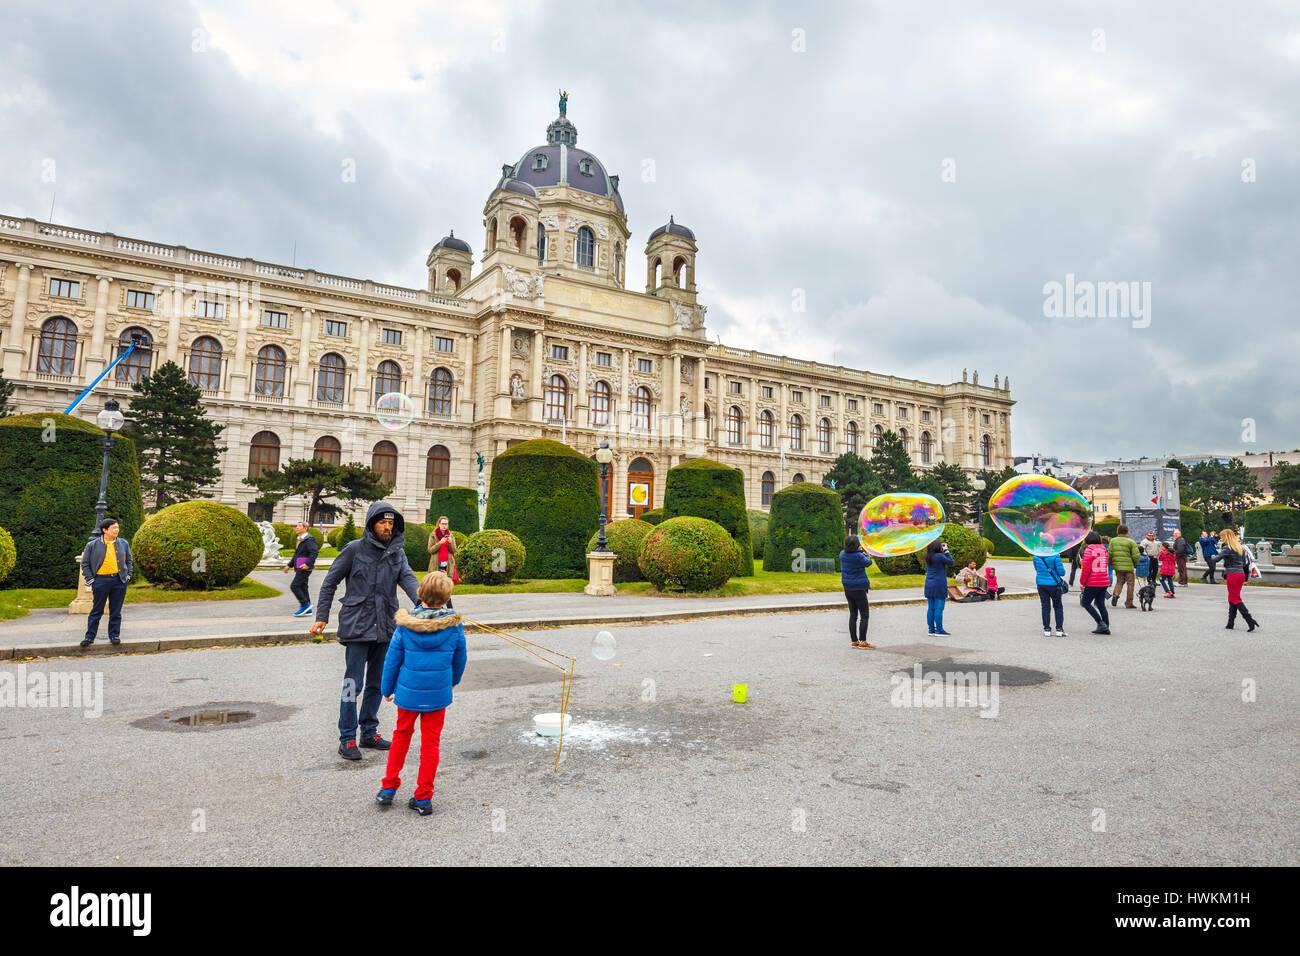 Vienne, Autriche - 13 octobre 2016: Musée d'Histoire Naturelle célèbre avec park et la Photo Stock